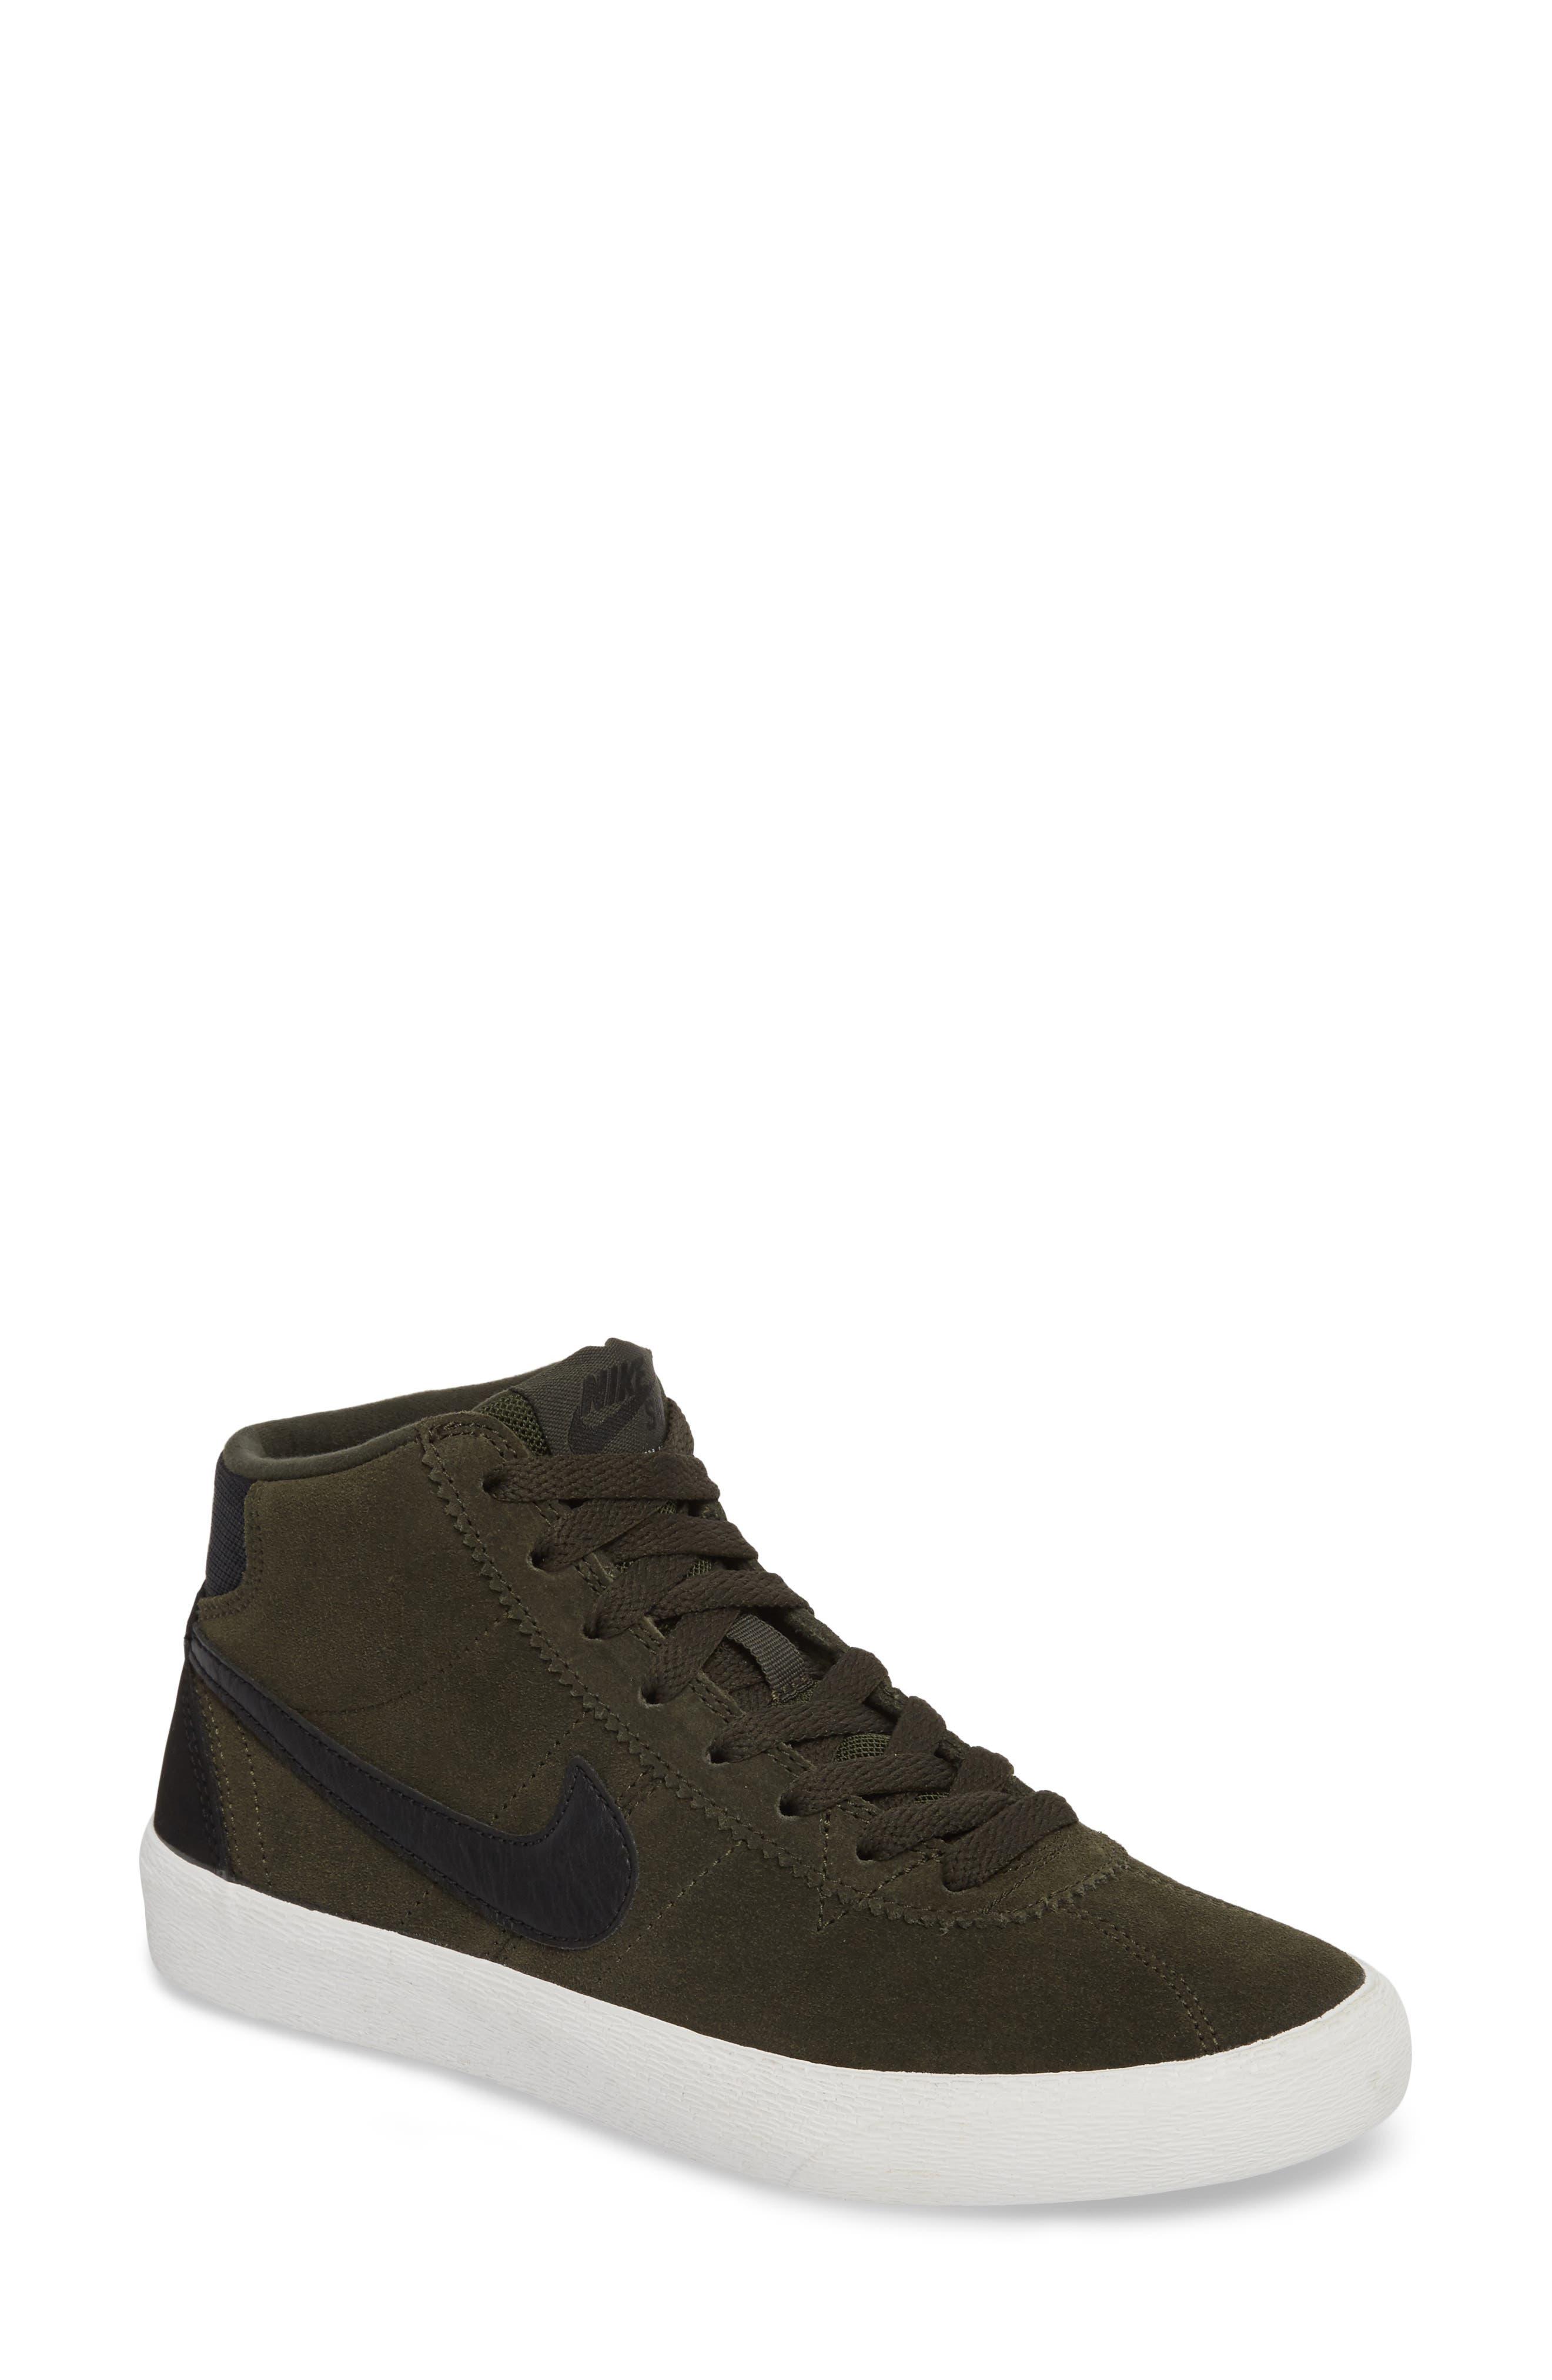 Alternate Image 1 Selected - Nike SB Bruin Hi Skateboarding Sneaker (Women)